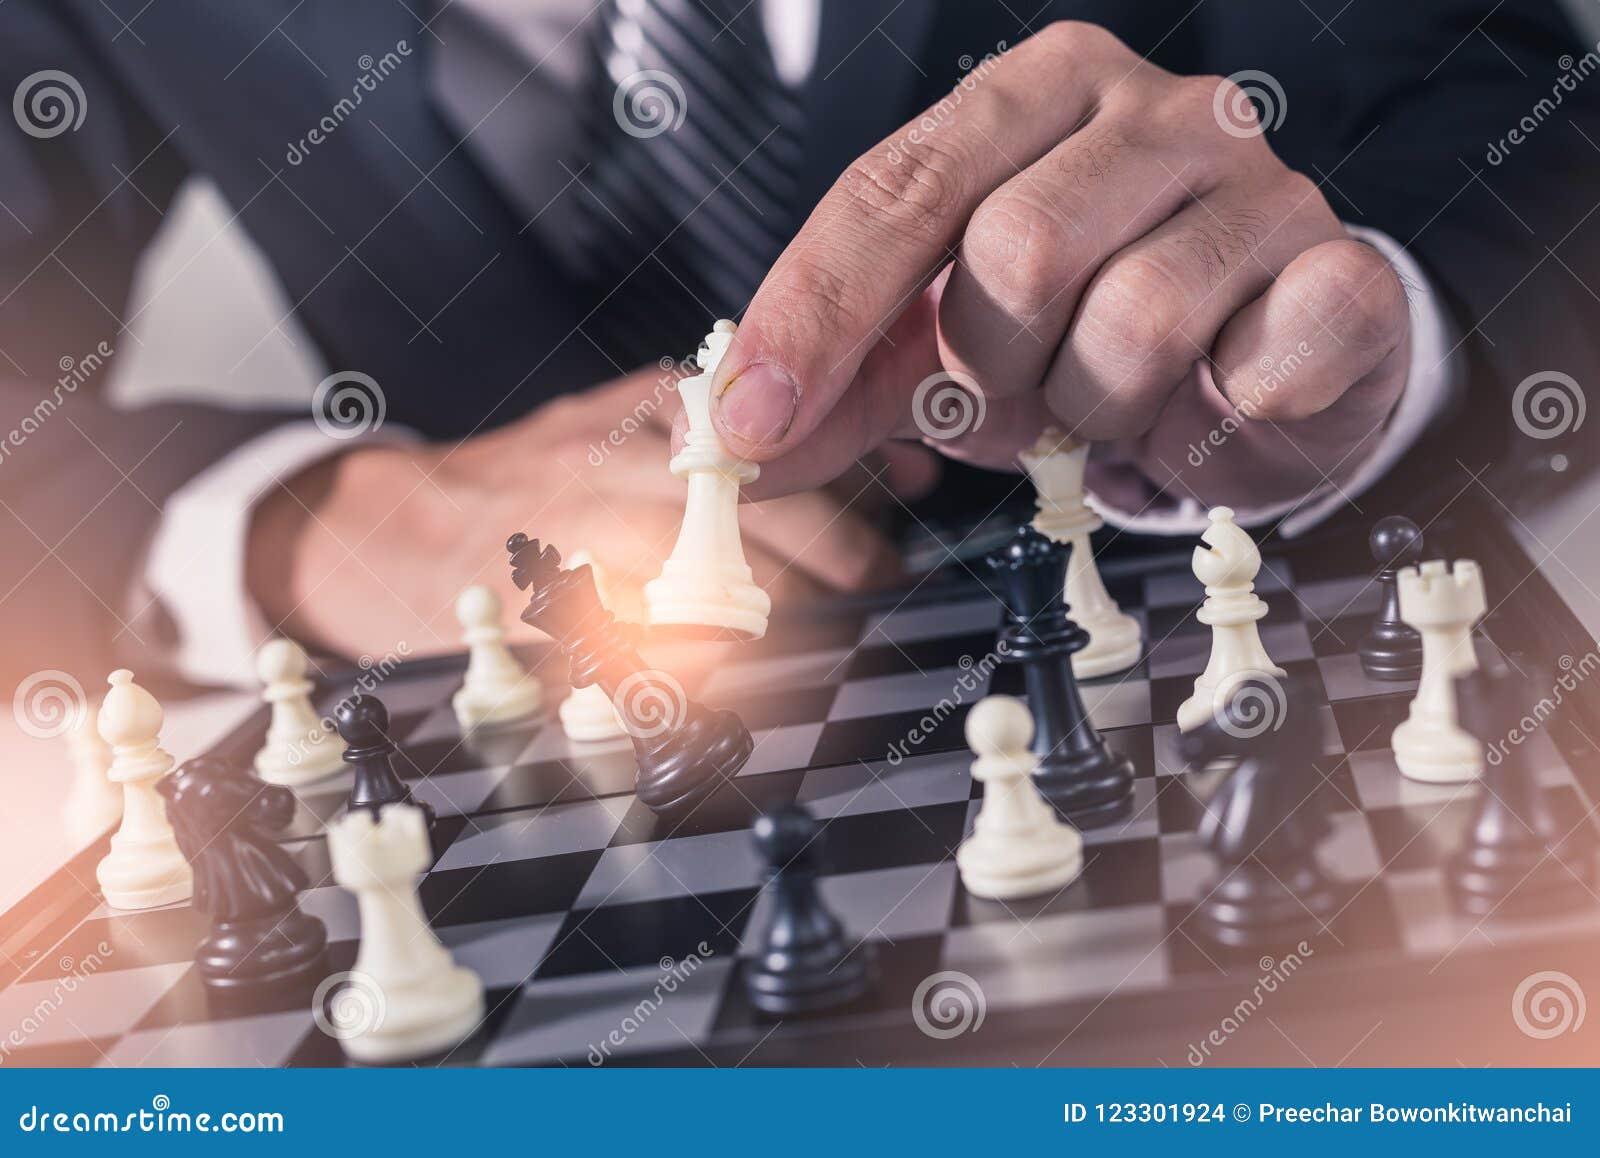 Abstrakcjonistyczny wizerunek biznesmen bierze szachującego na szachowej desce podczas gier